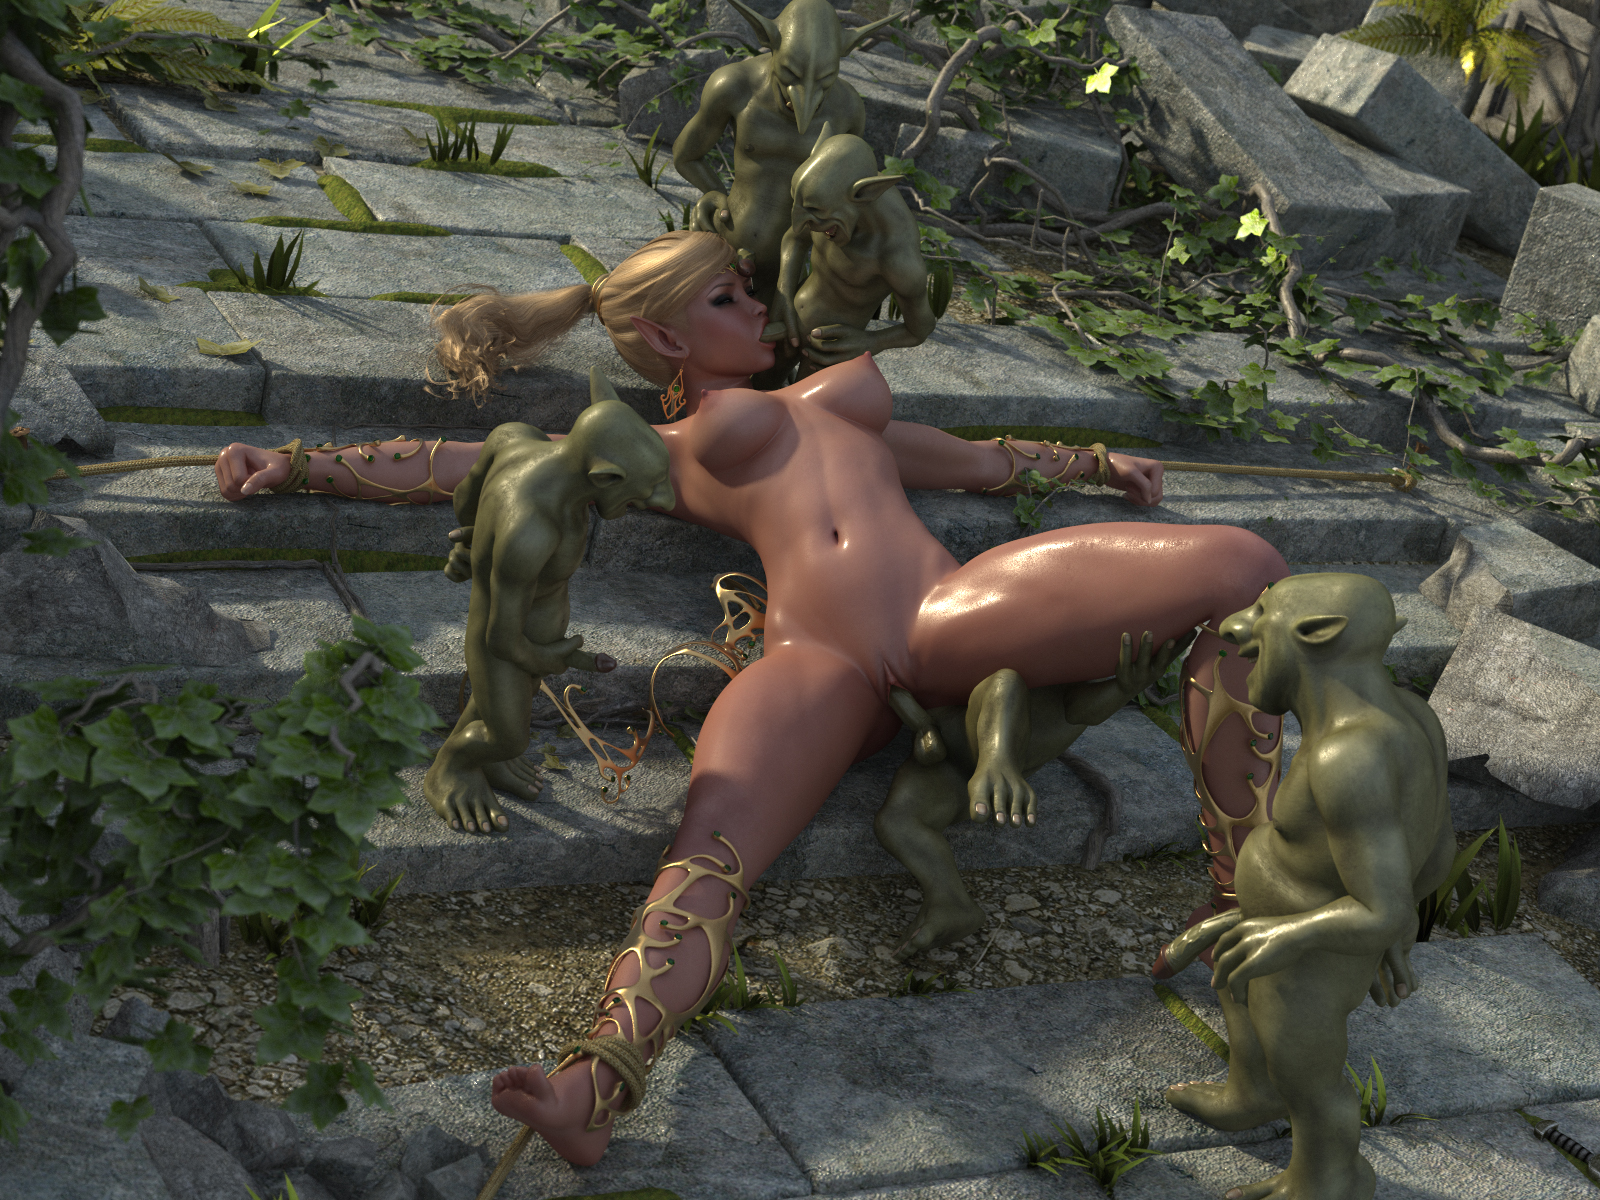 naken anime 3d